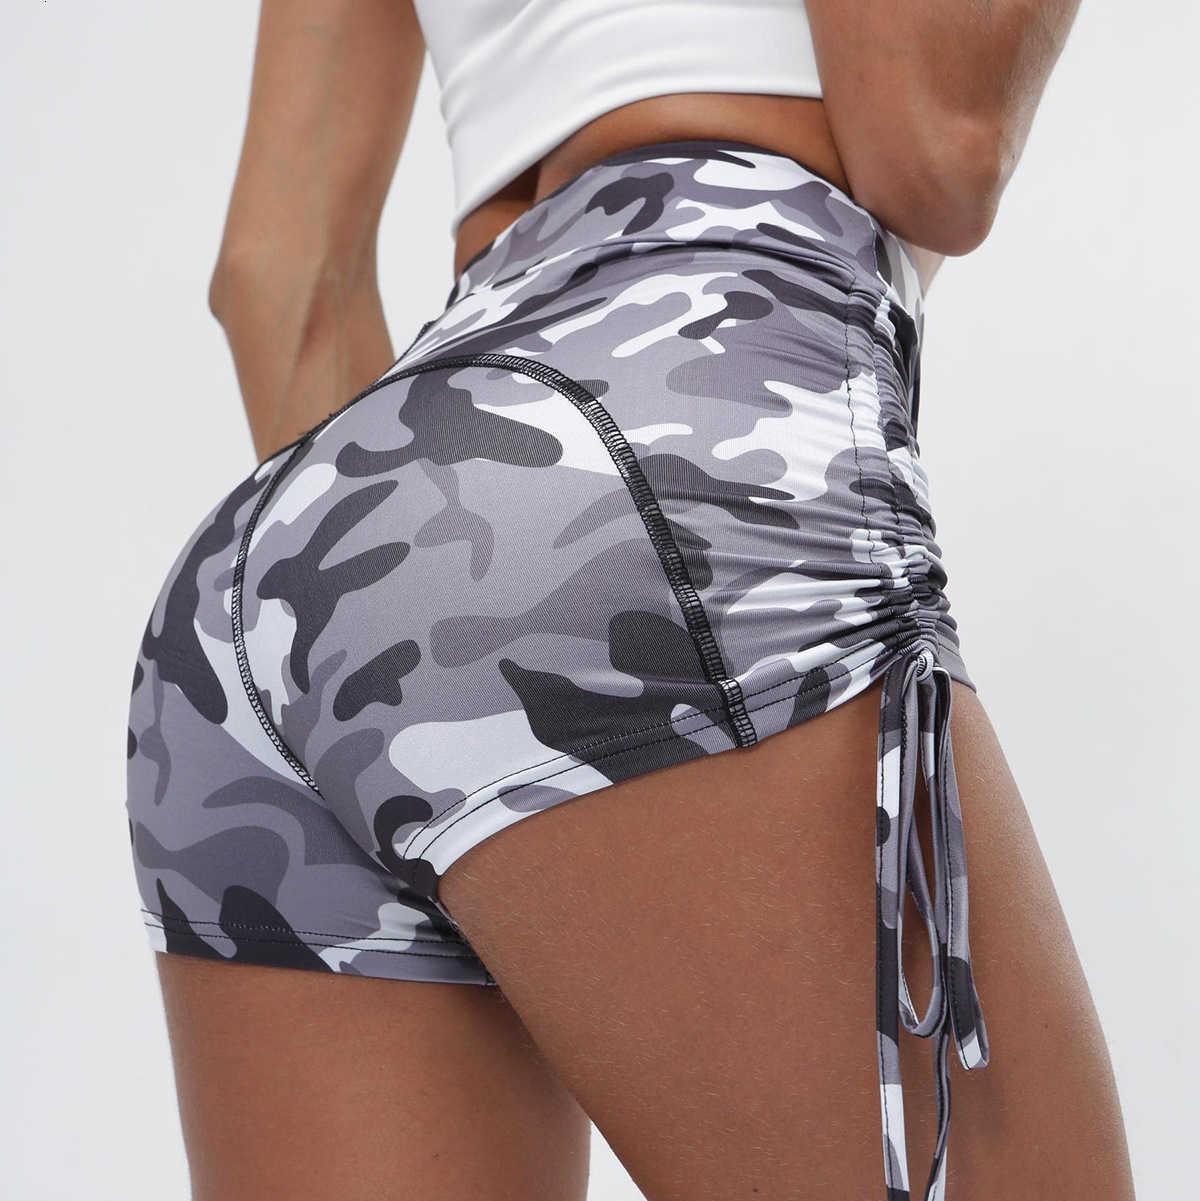 Camouflage Pantalon de Yoga imprimé Femme High Taille Fitness Exercice Sexy Cordon Cordon serré 4153